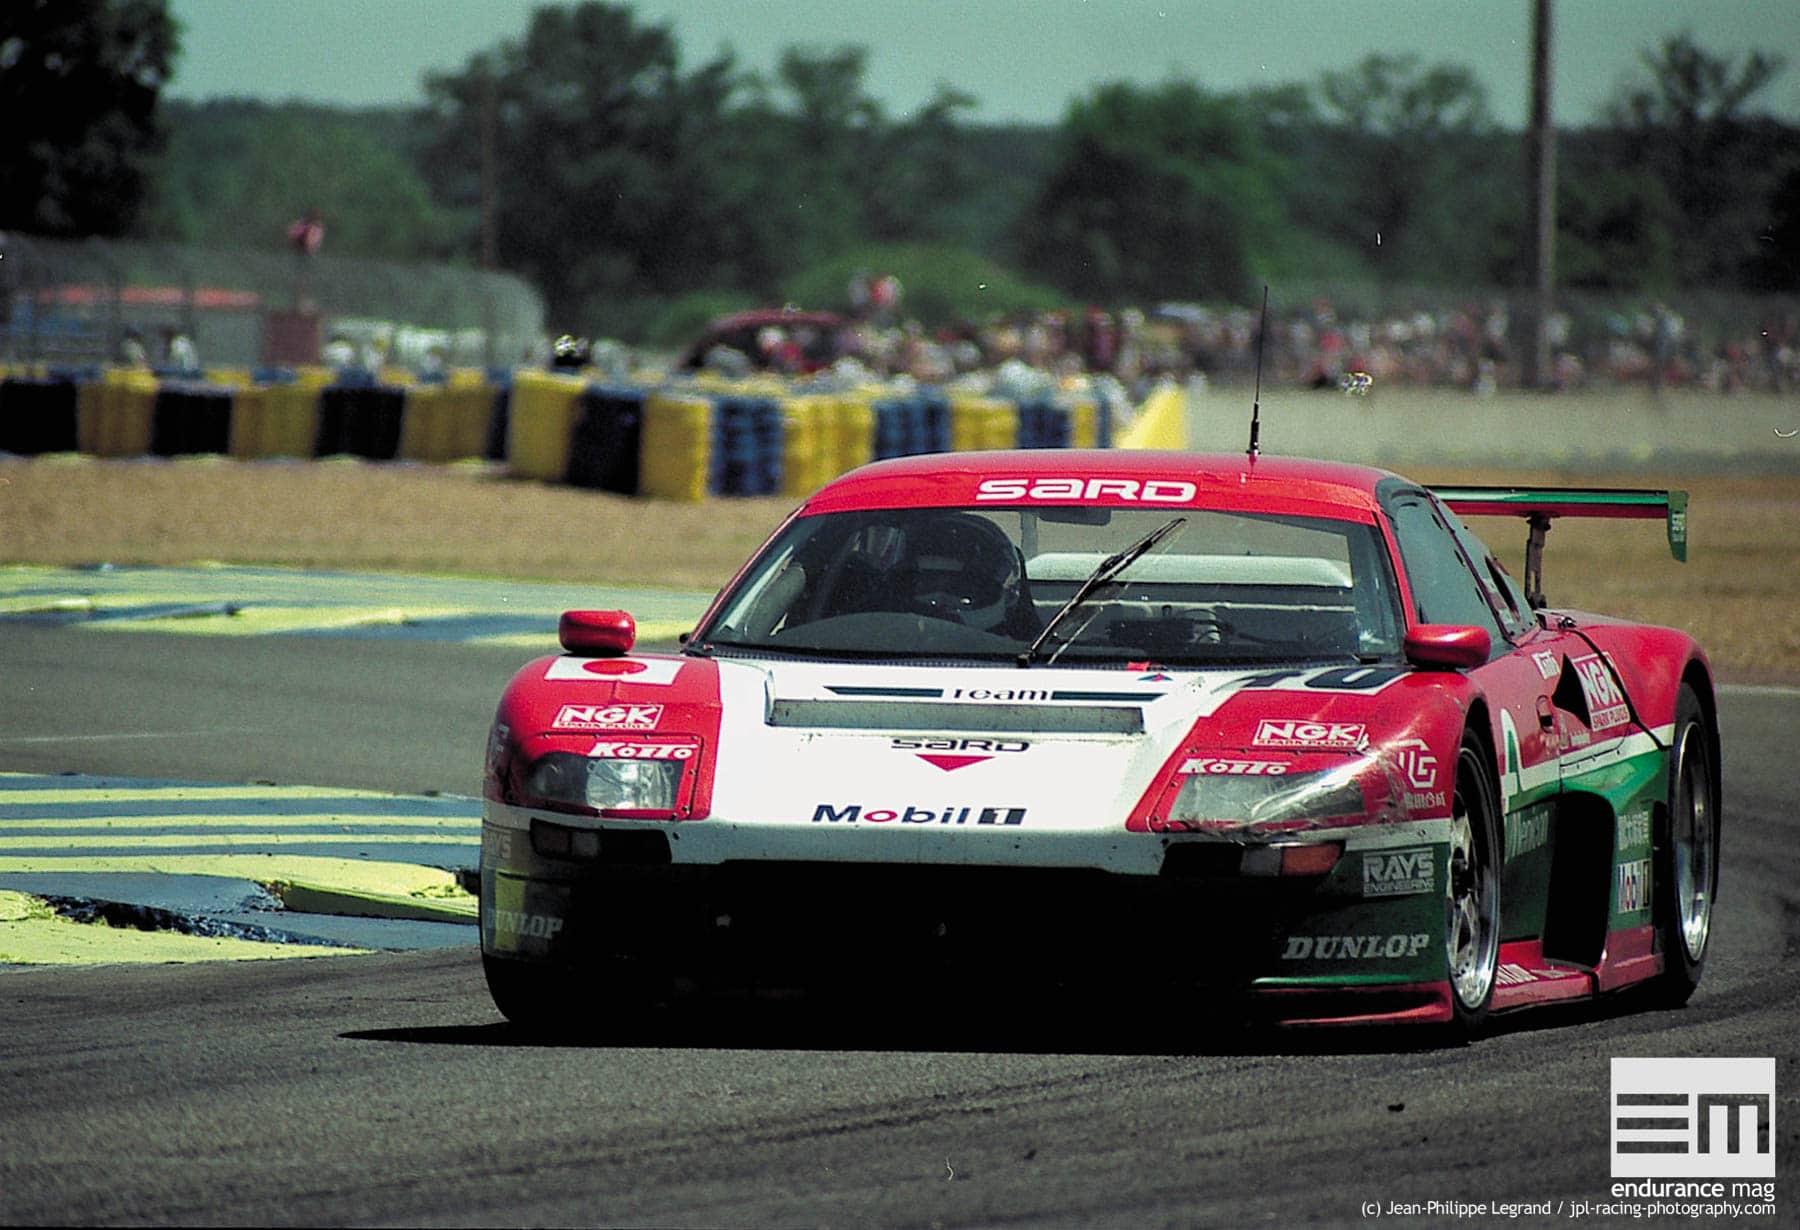 Toyota-SARD-MC8-R-Le-Mans-1996